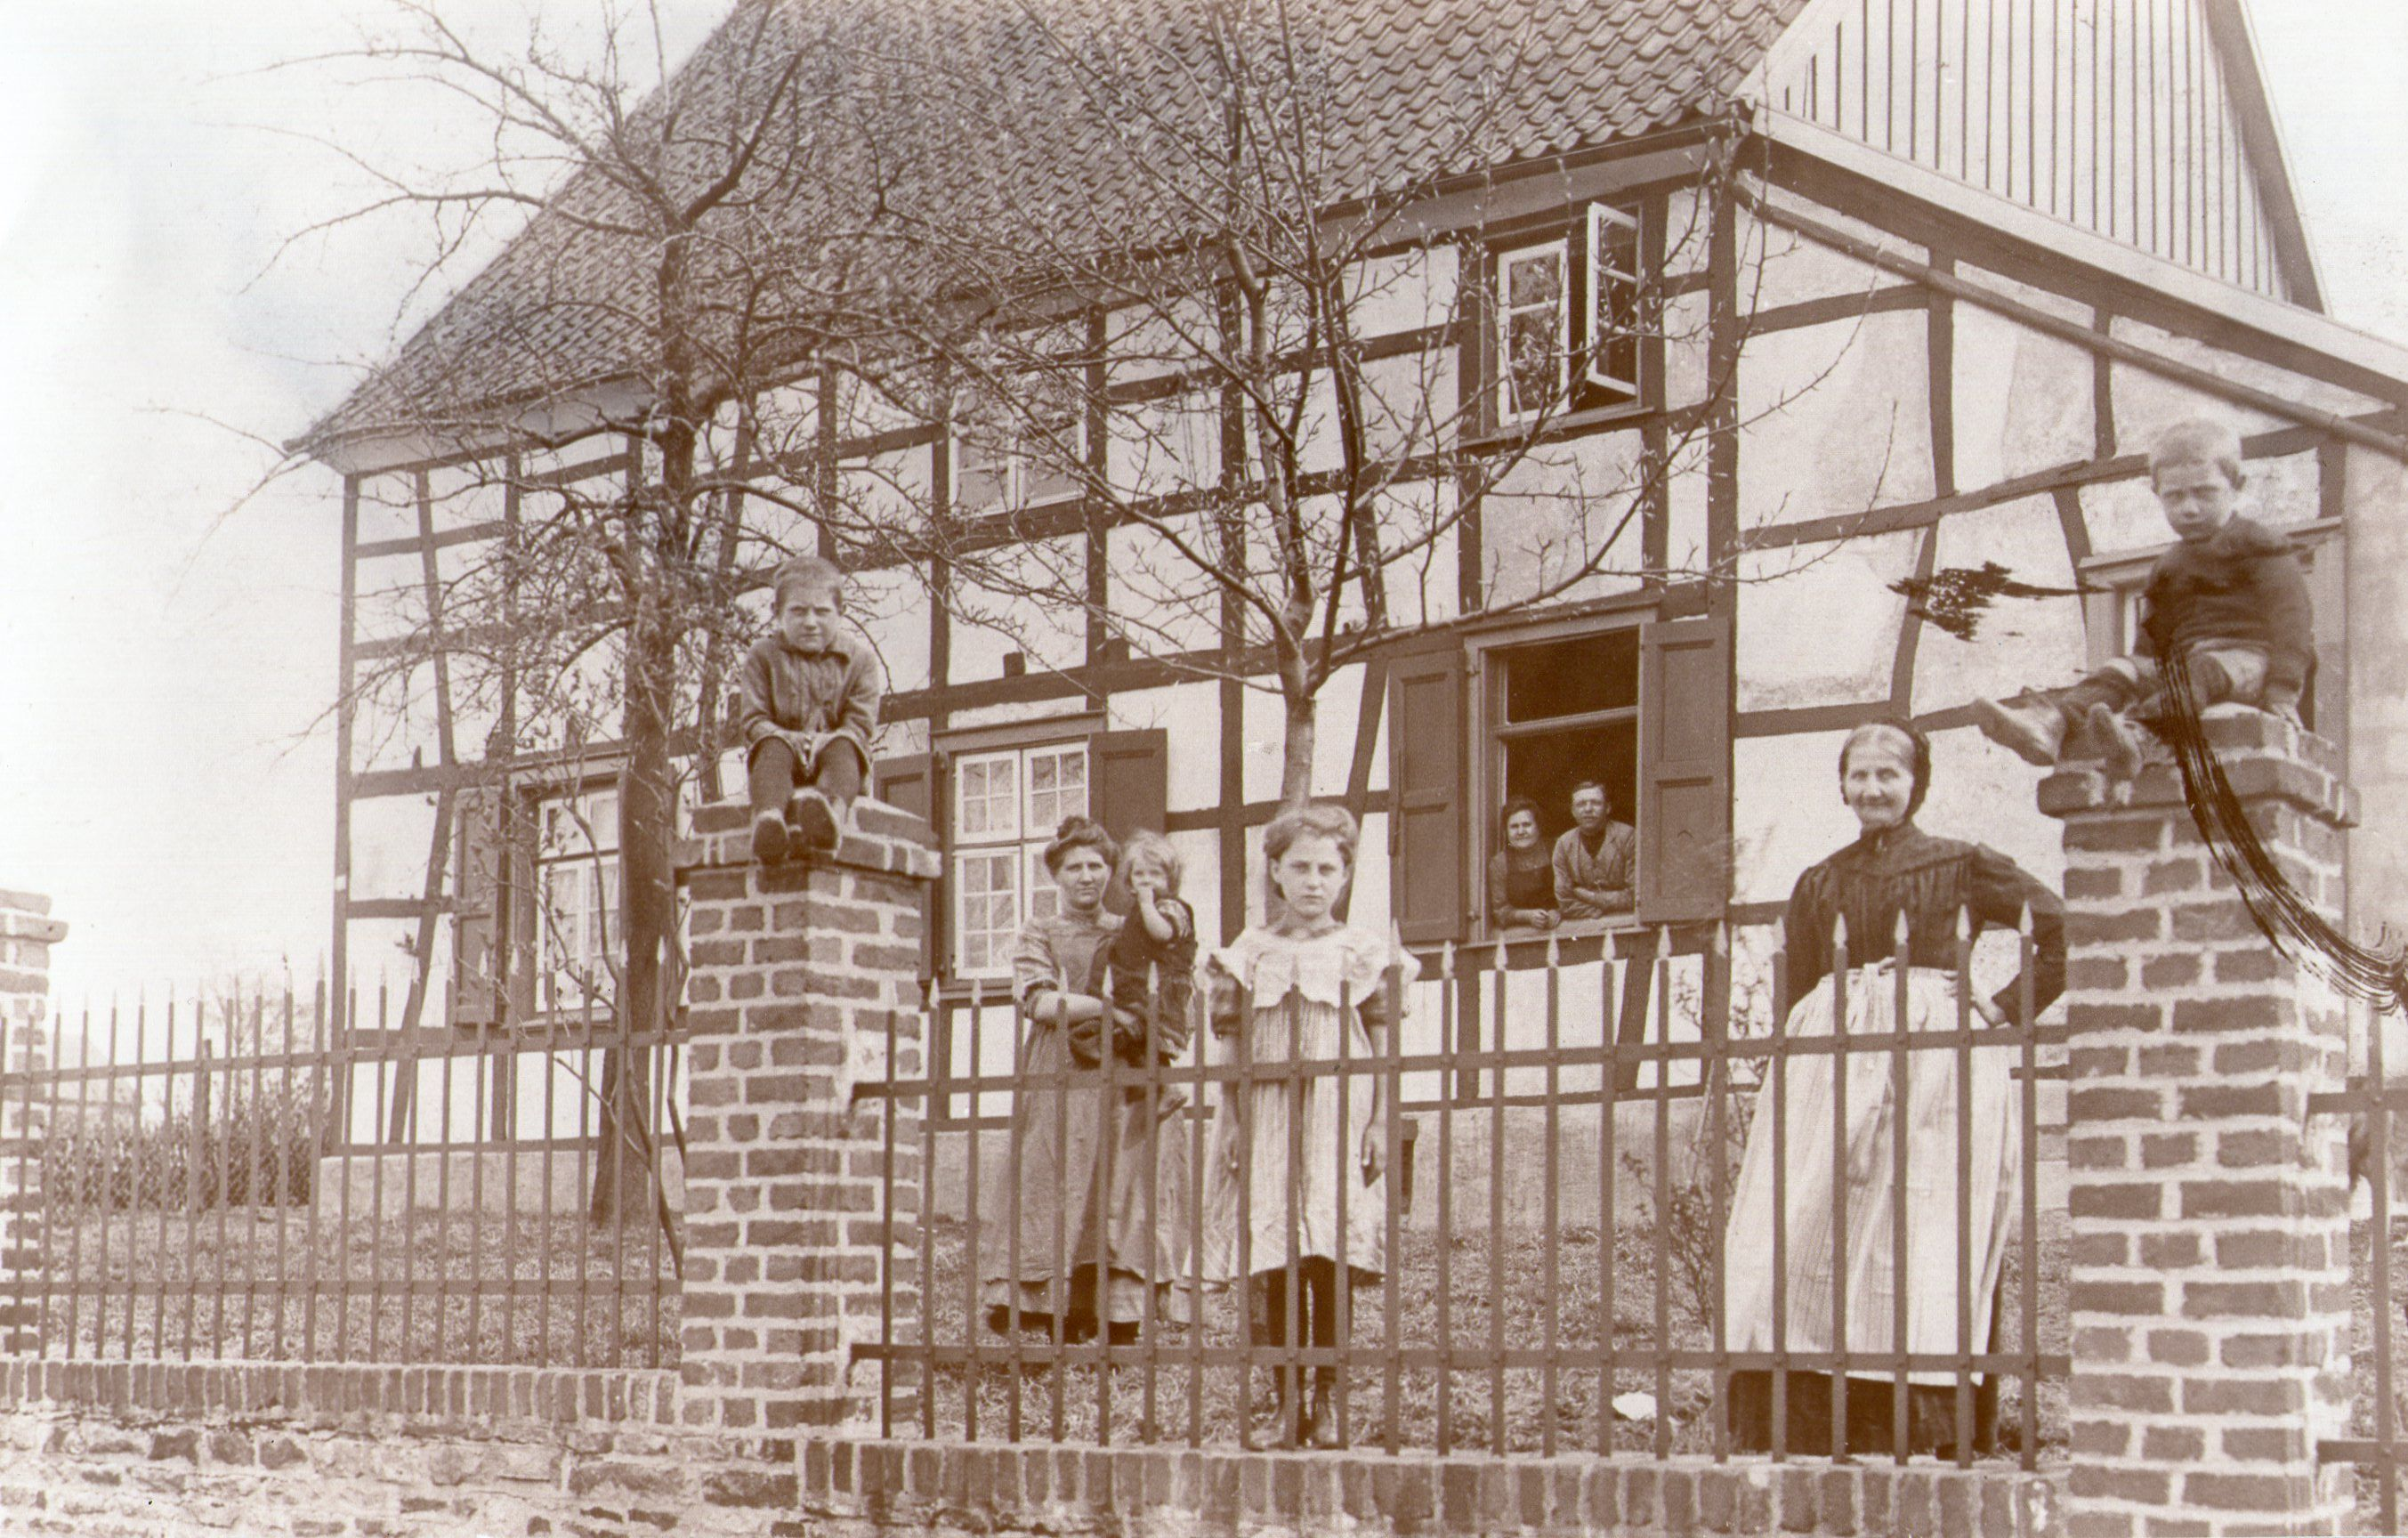 Das erste und lange Zeit einzige Haus an der Straße (erbaut 1827) ist 1943 zerstört worden